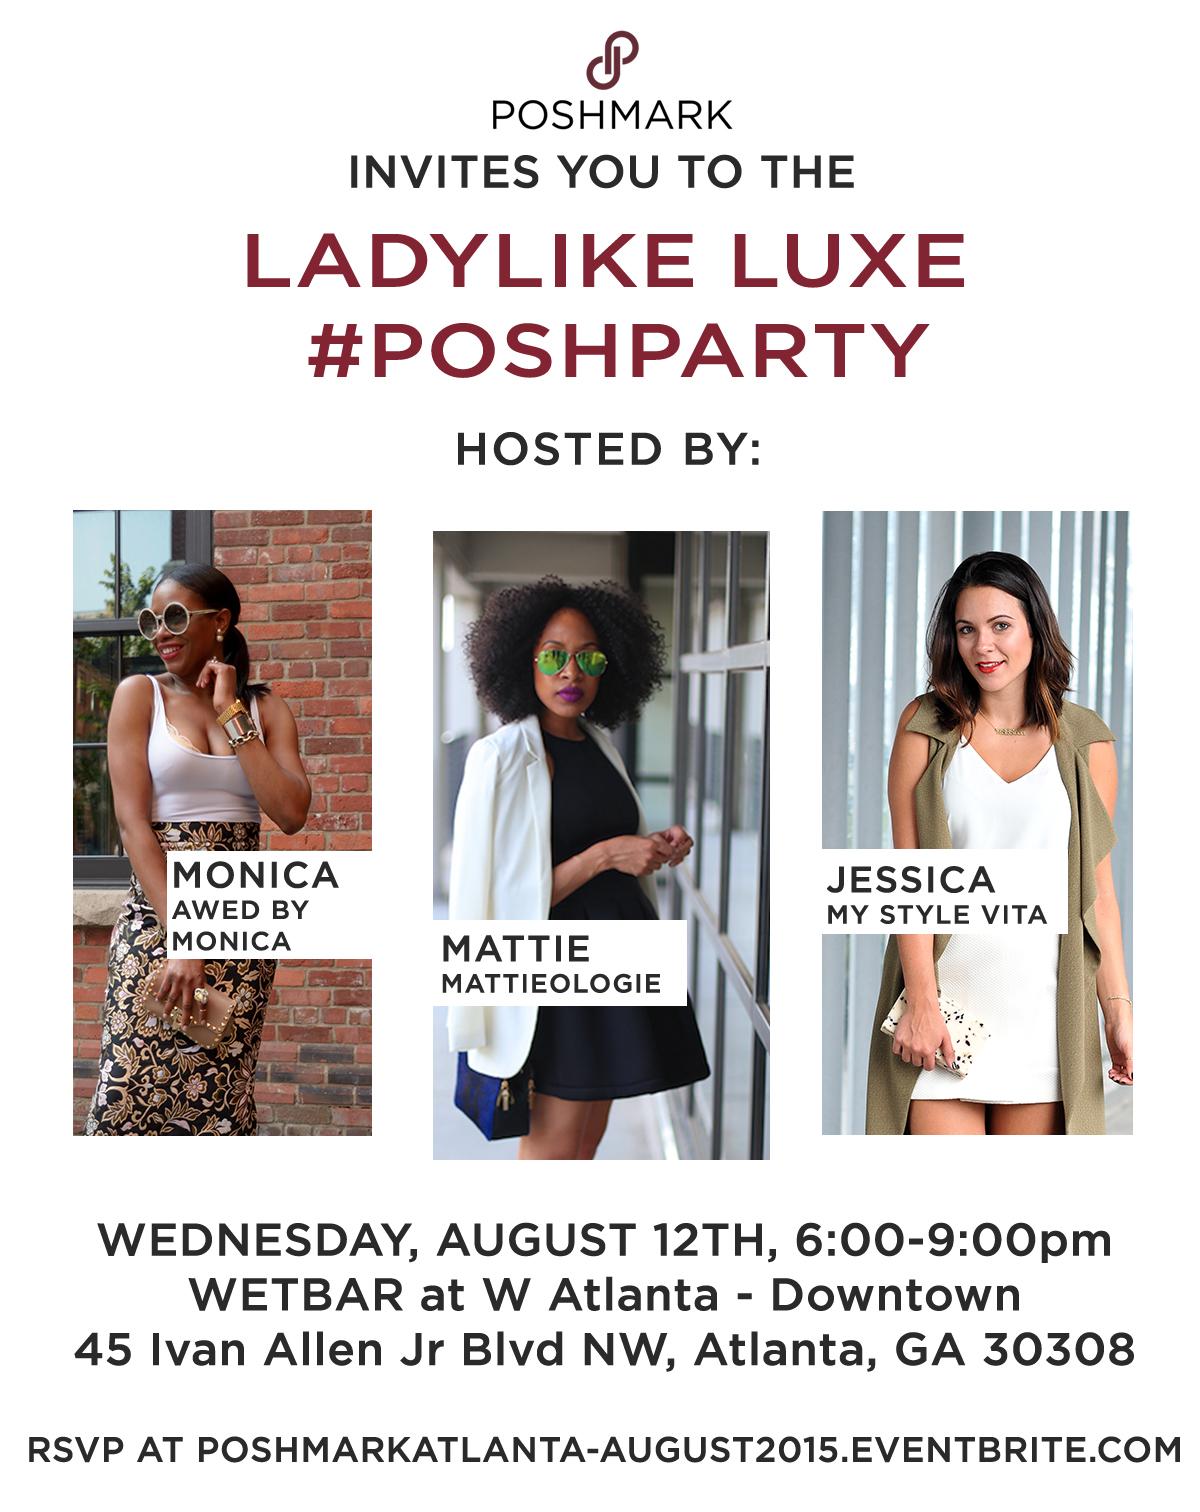 I'm Co-Hosting @Poshmark's Atlanta #POSHPARTY